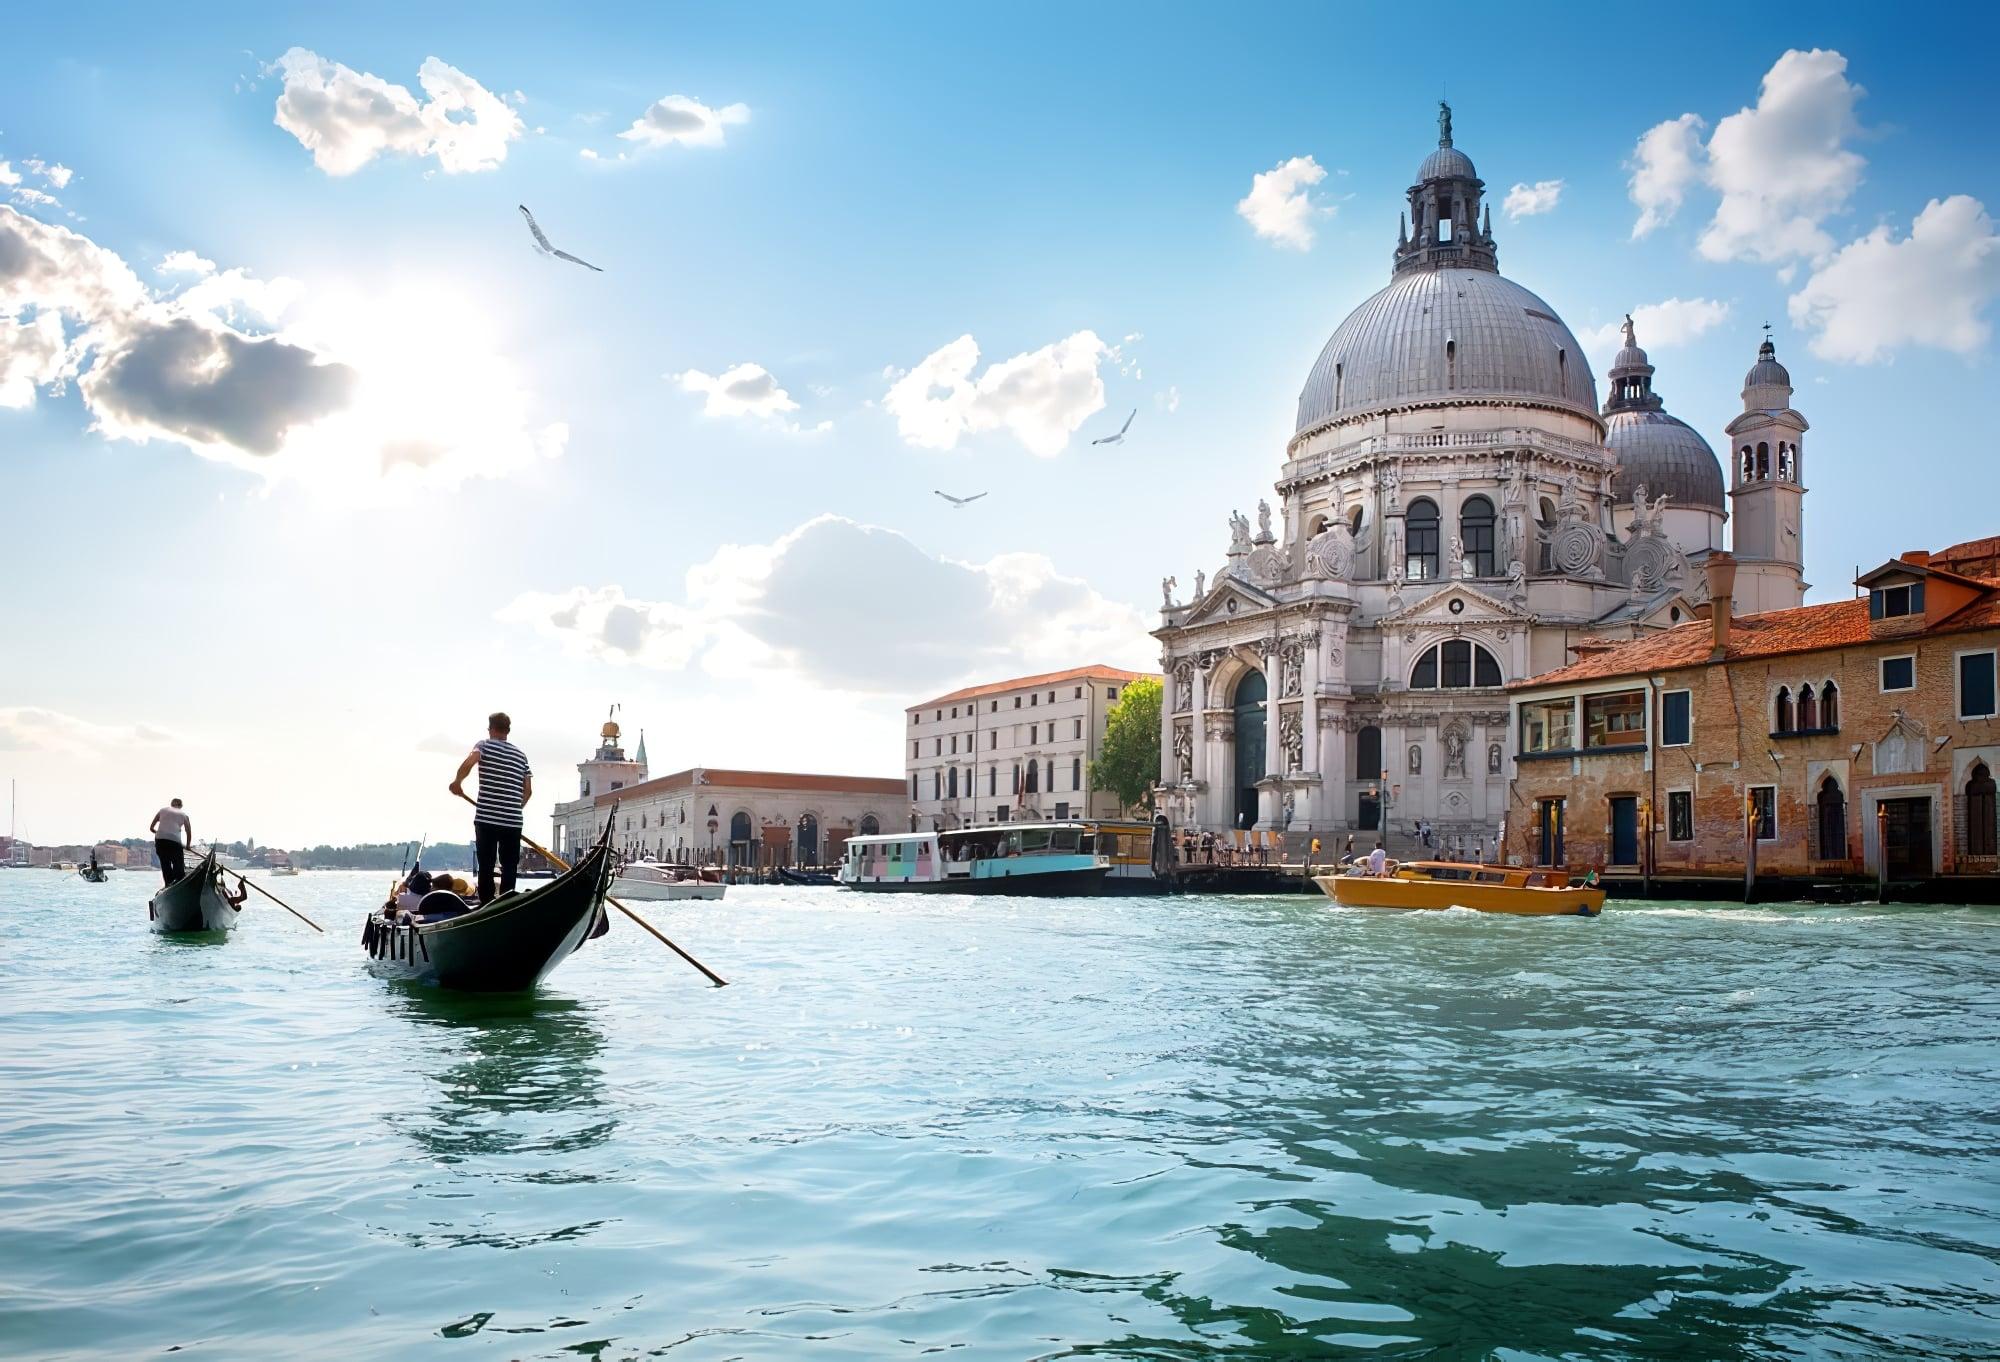 Les visites guidées à faire à Venise